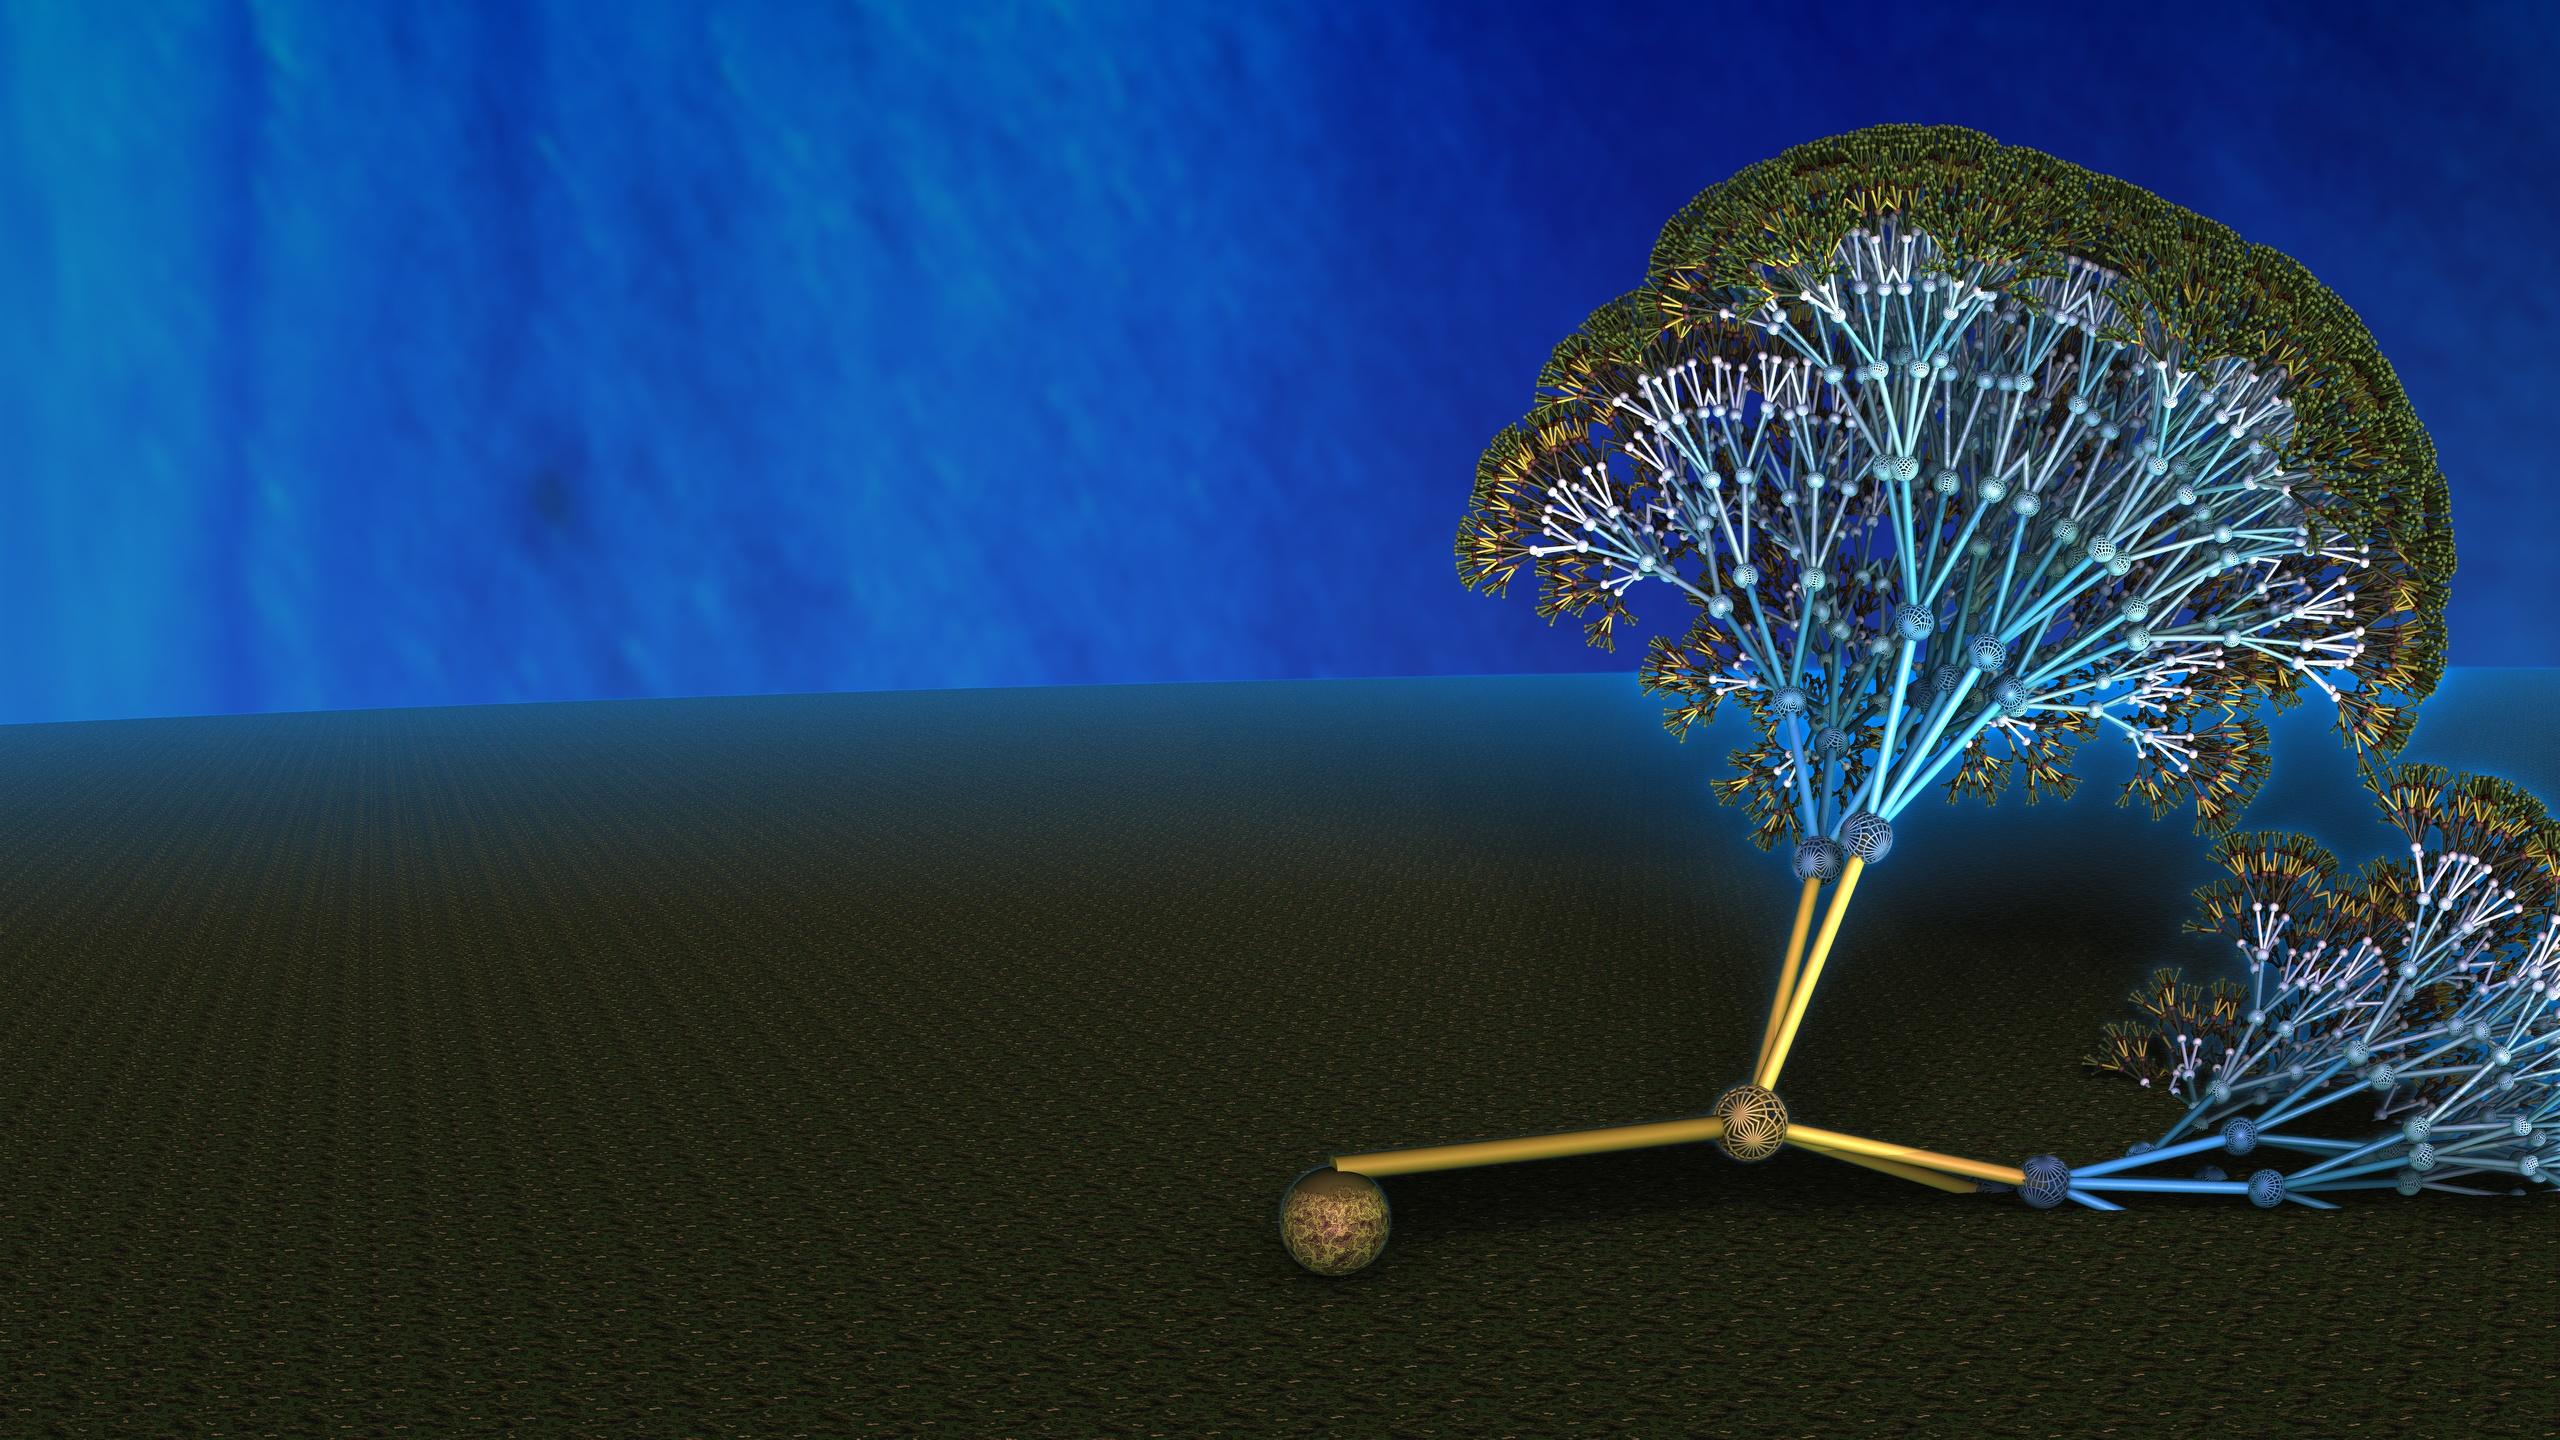 Magic Tree by Topas2012